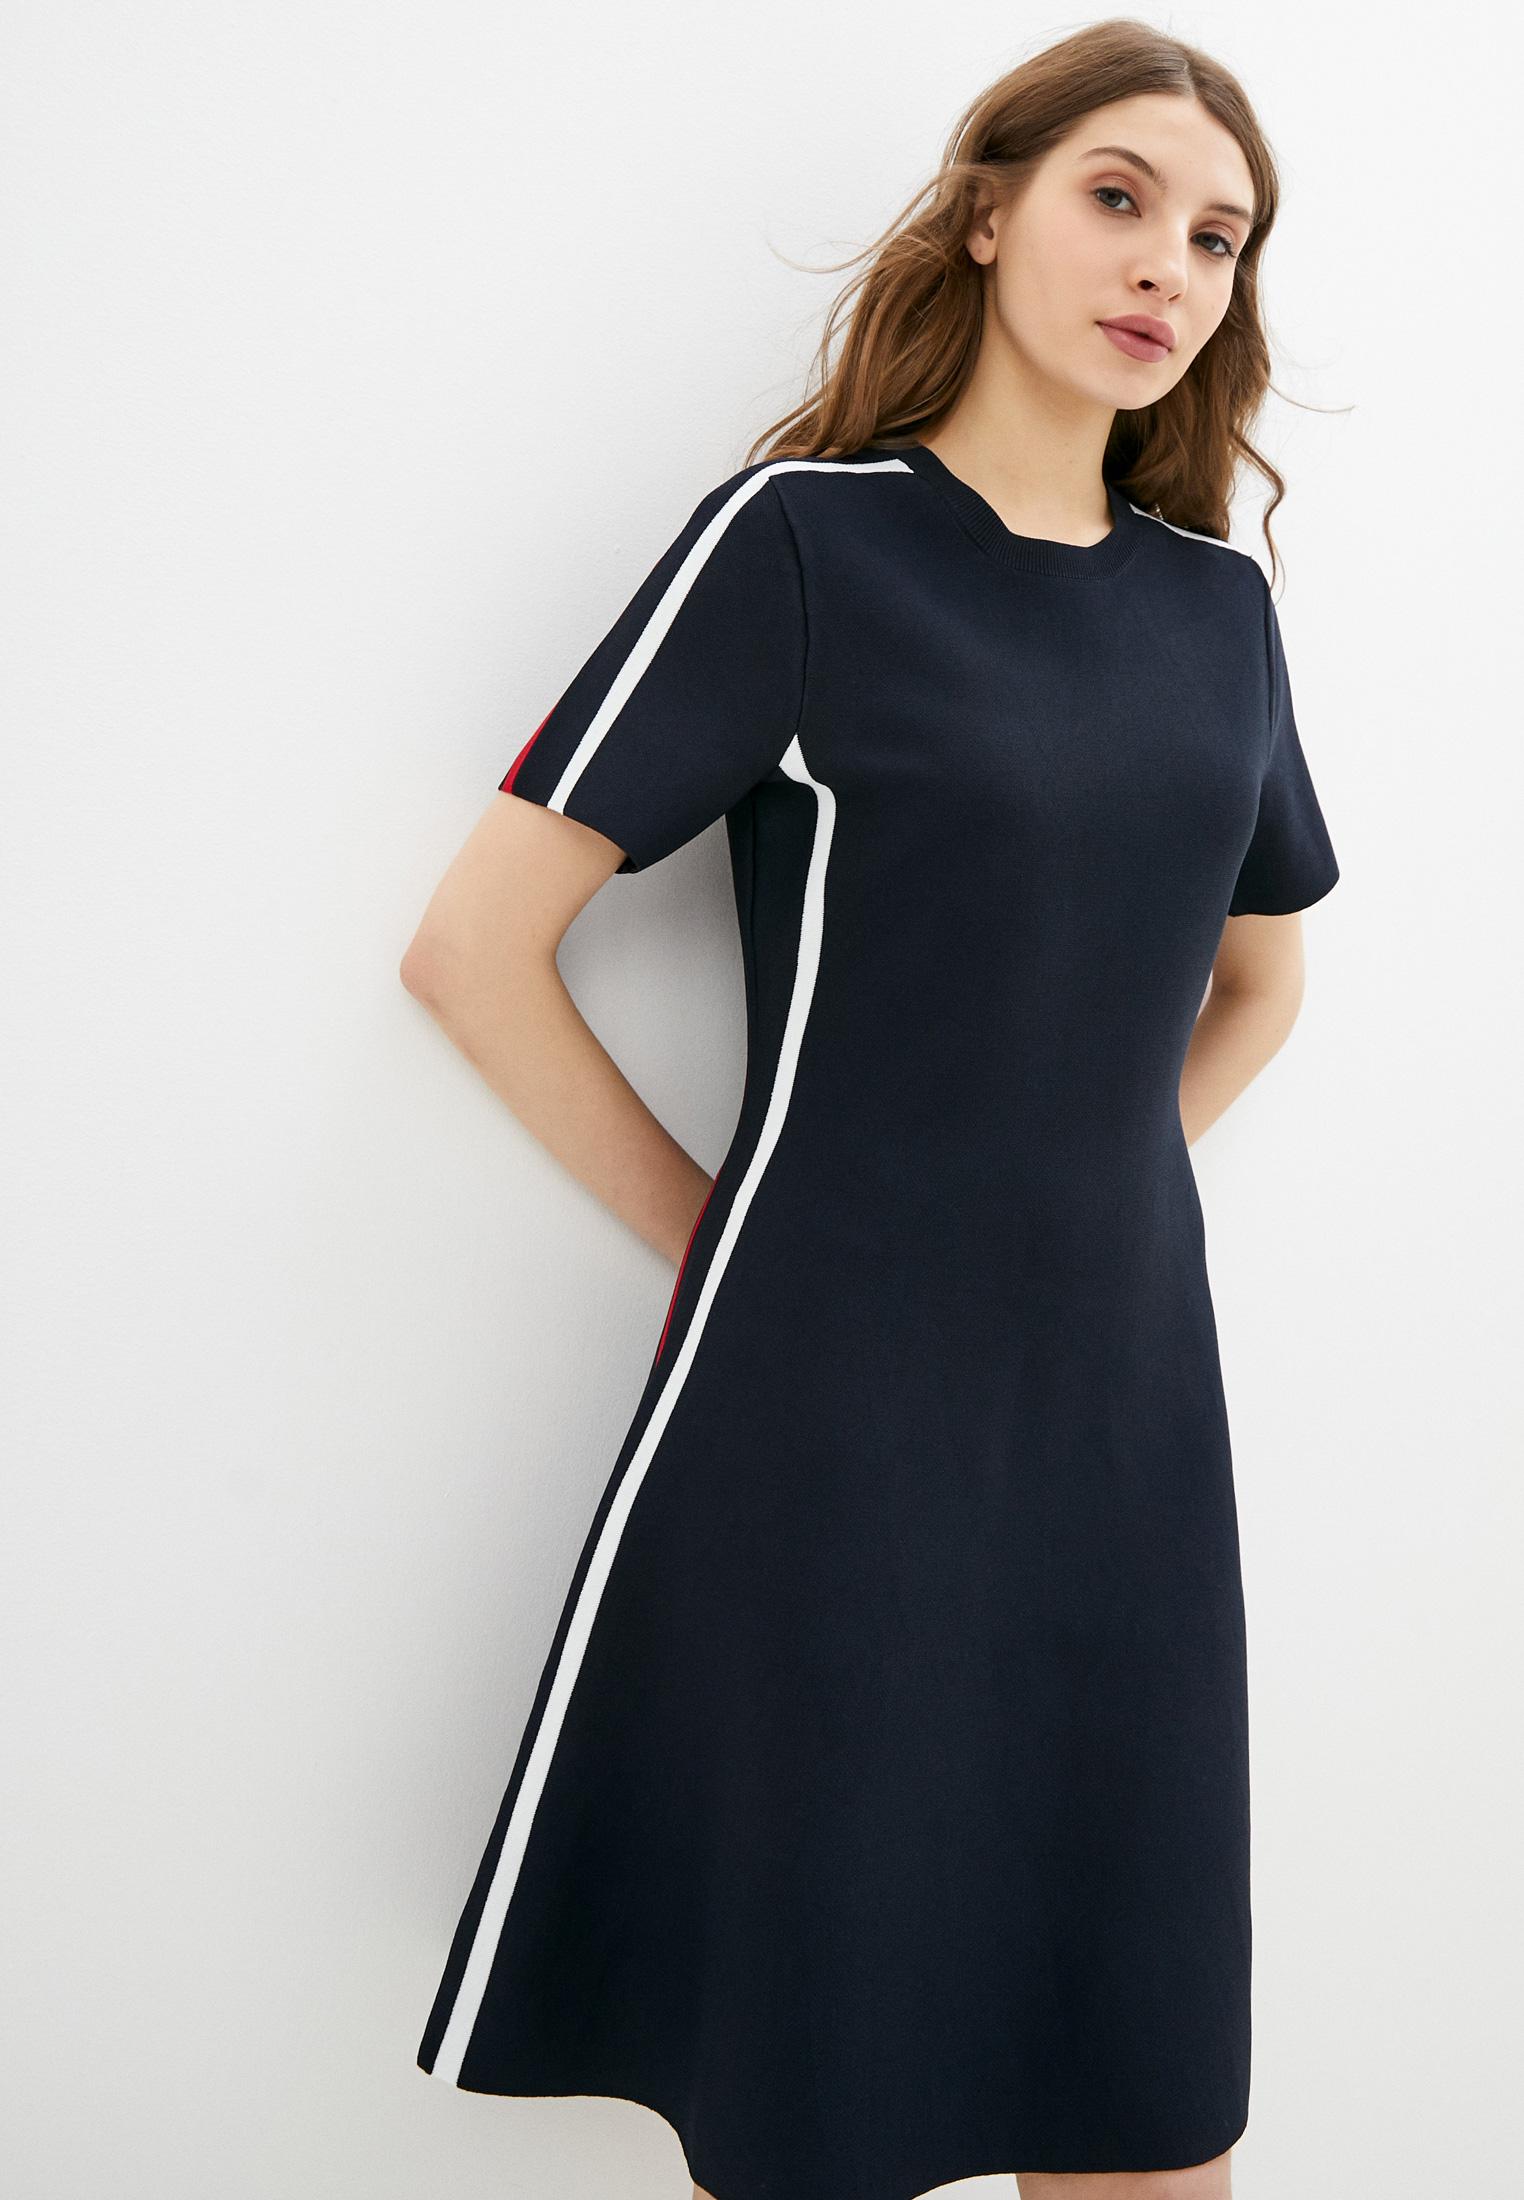 Вязаное платье Tommy Hilfiger (Томми Хилфигер) WW0WW30686: изображение 1